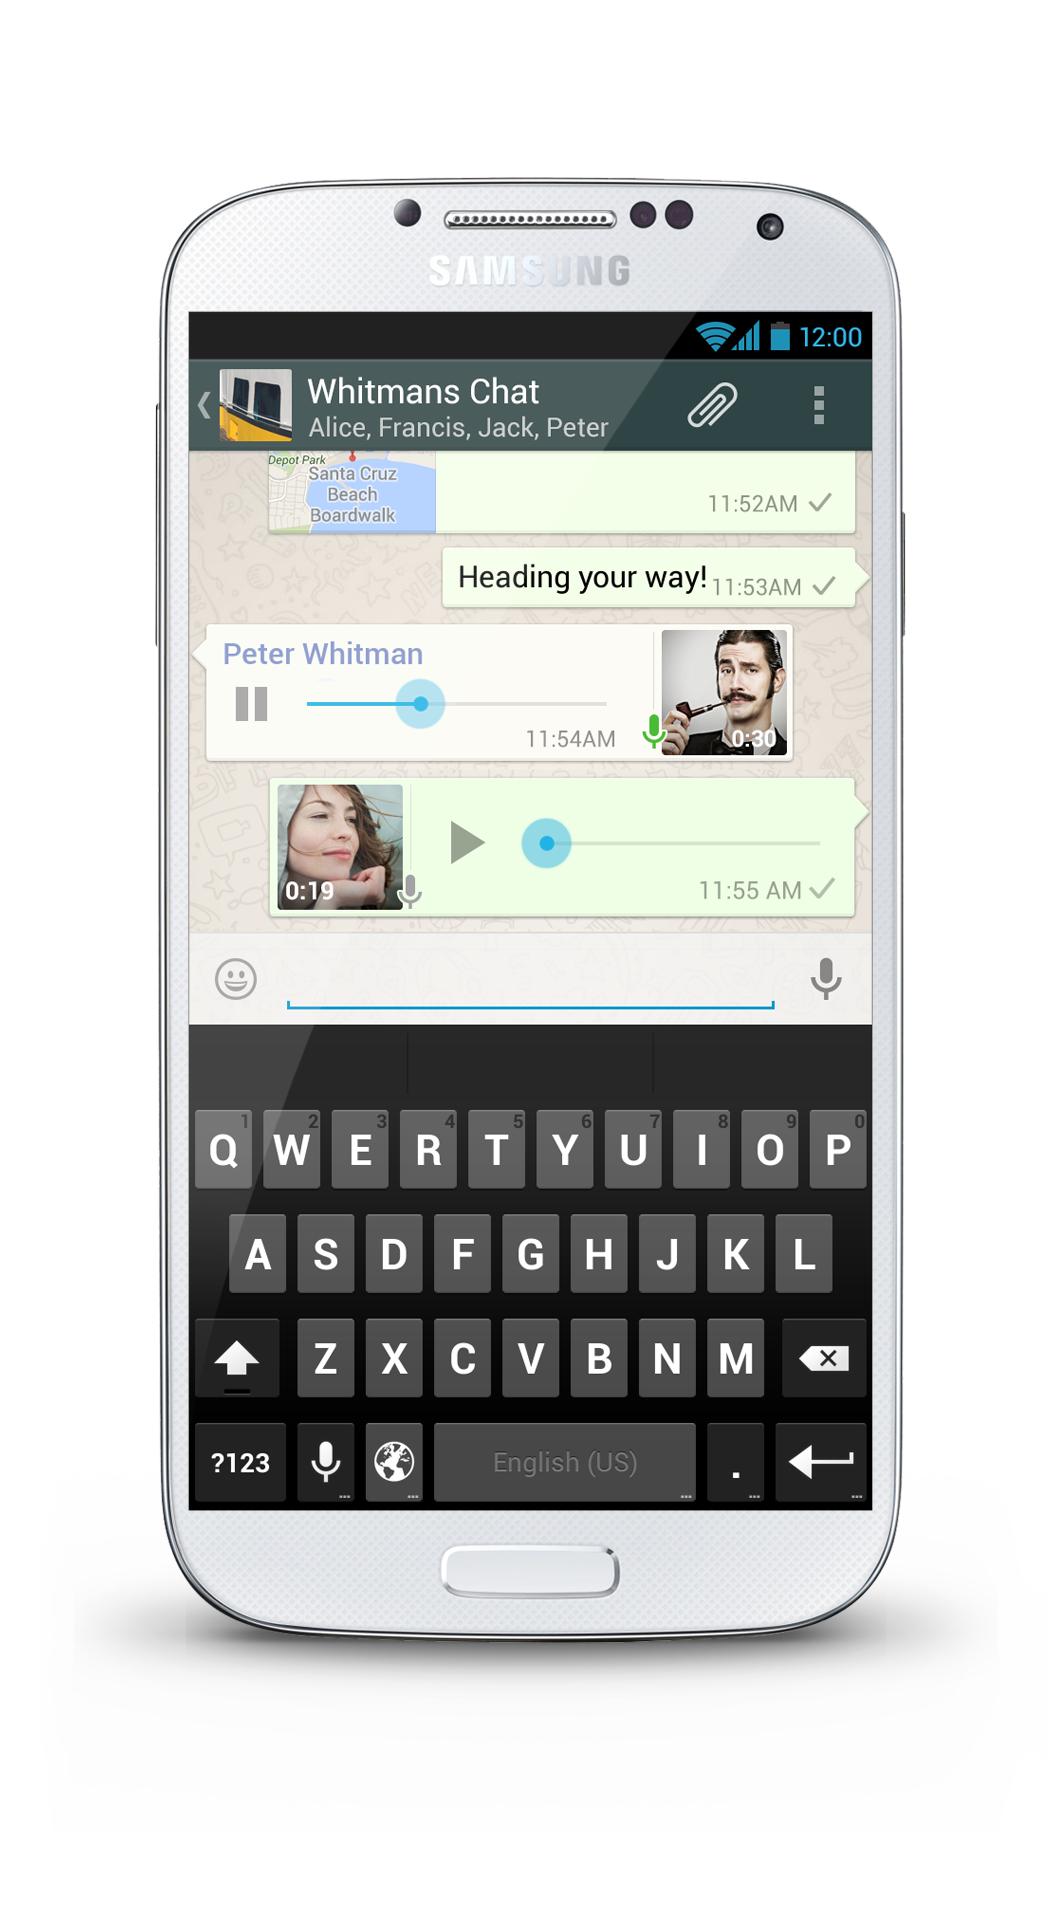 WhatsApp alcança 300 milhões de usuários ativos e inaugura mensagens de voz